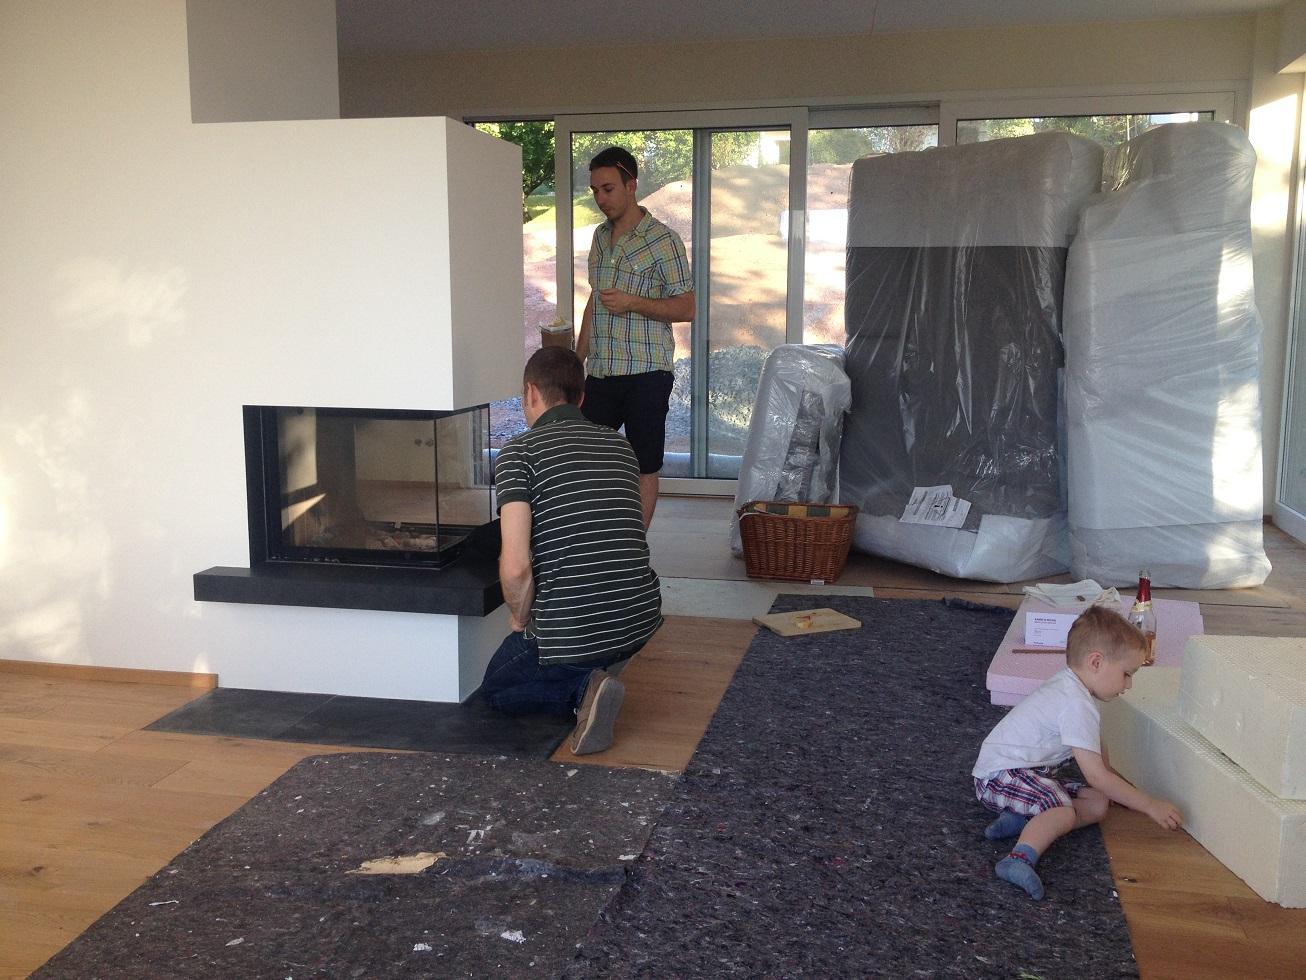 Wir bauen ein Haus - Unser Bautagebuch : Ein Feuerchen bei 30Grad